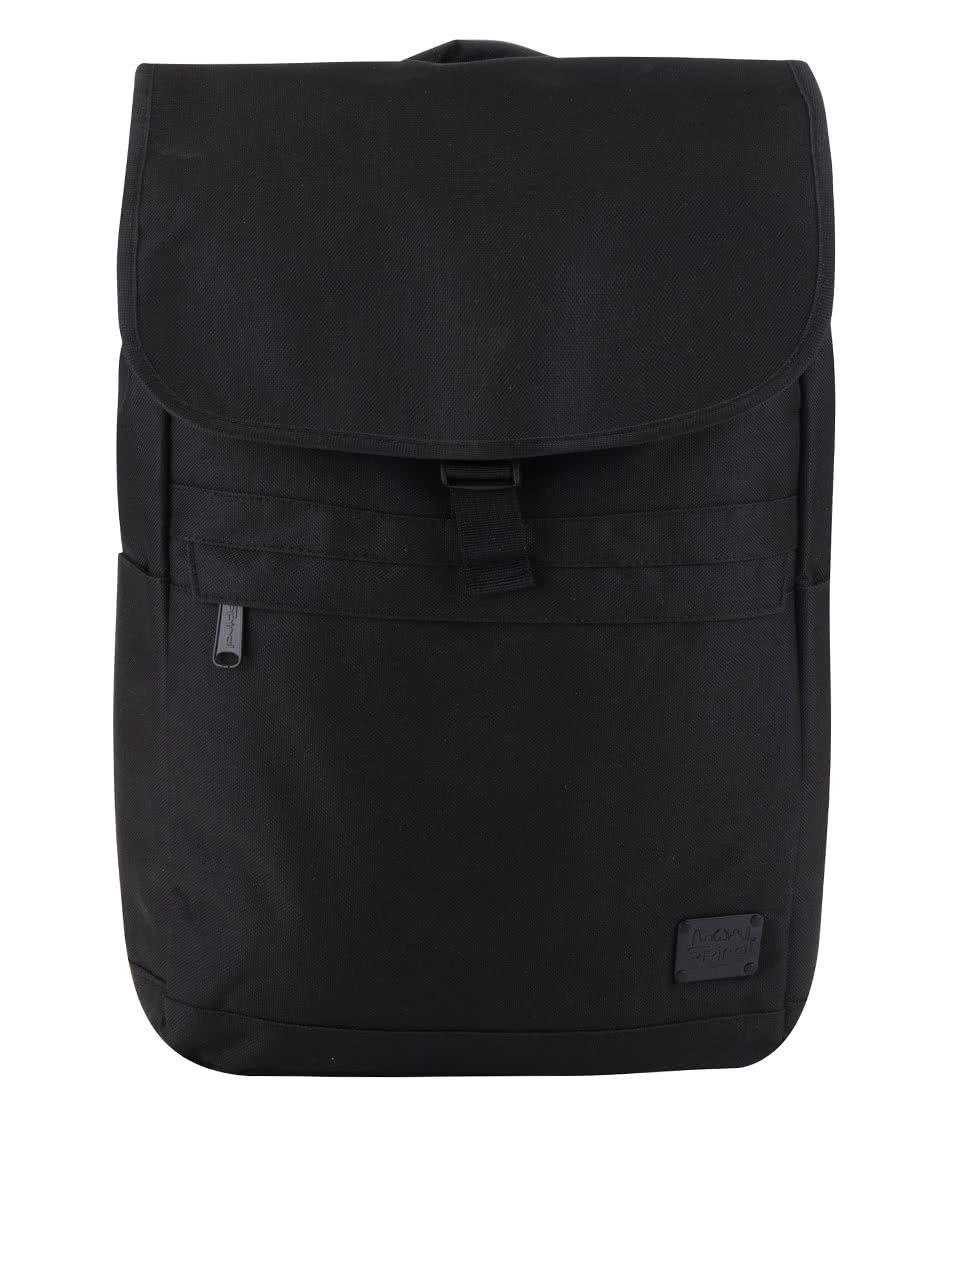 Černý unisex batoh s klopou a přezkou Spiral Commuter 15 l